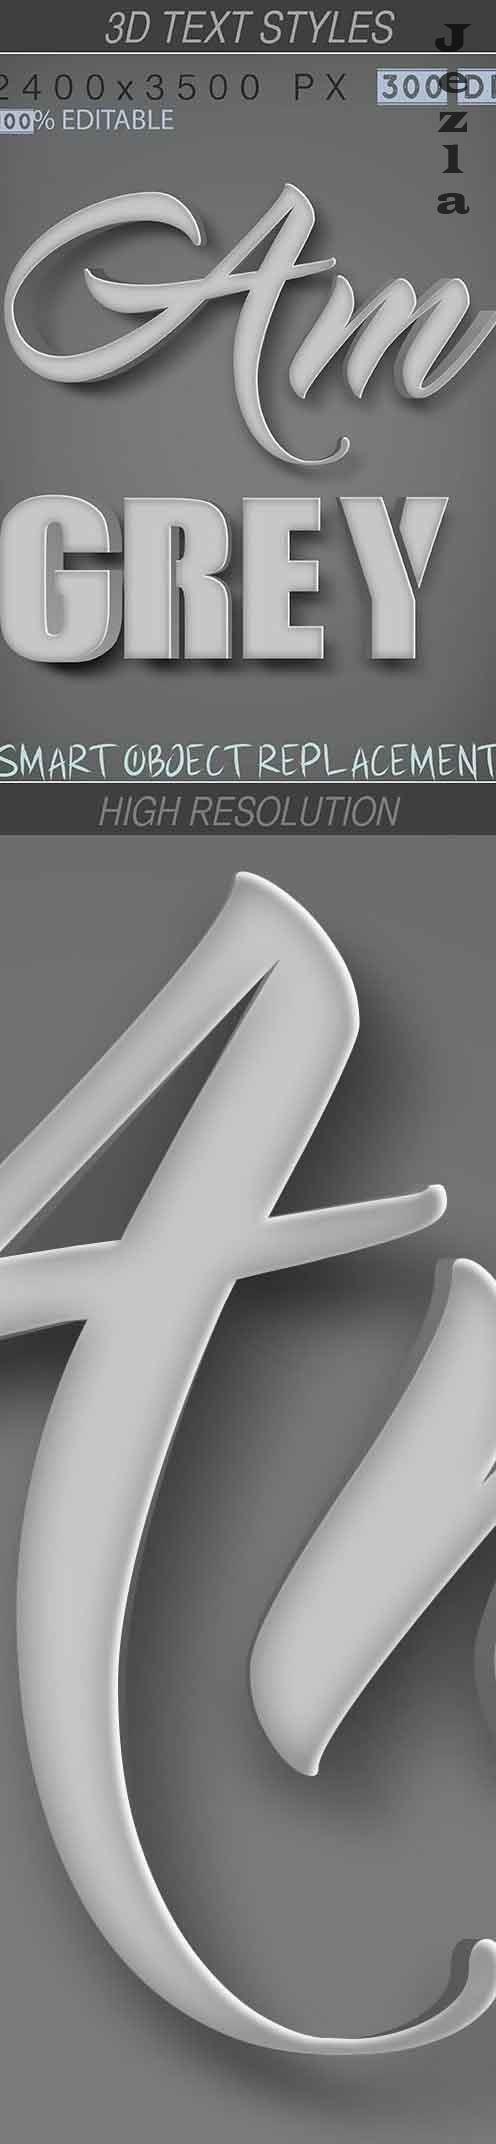 3D Text Styles Grey 26649735